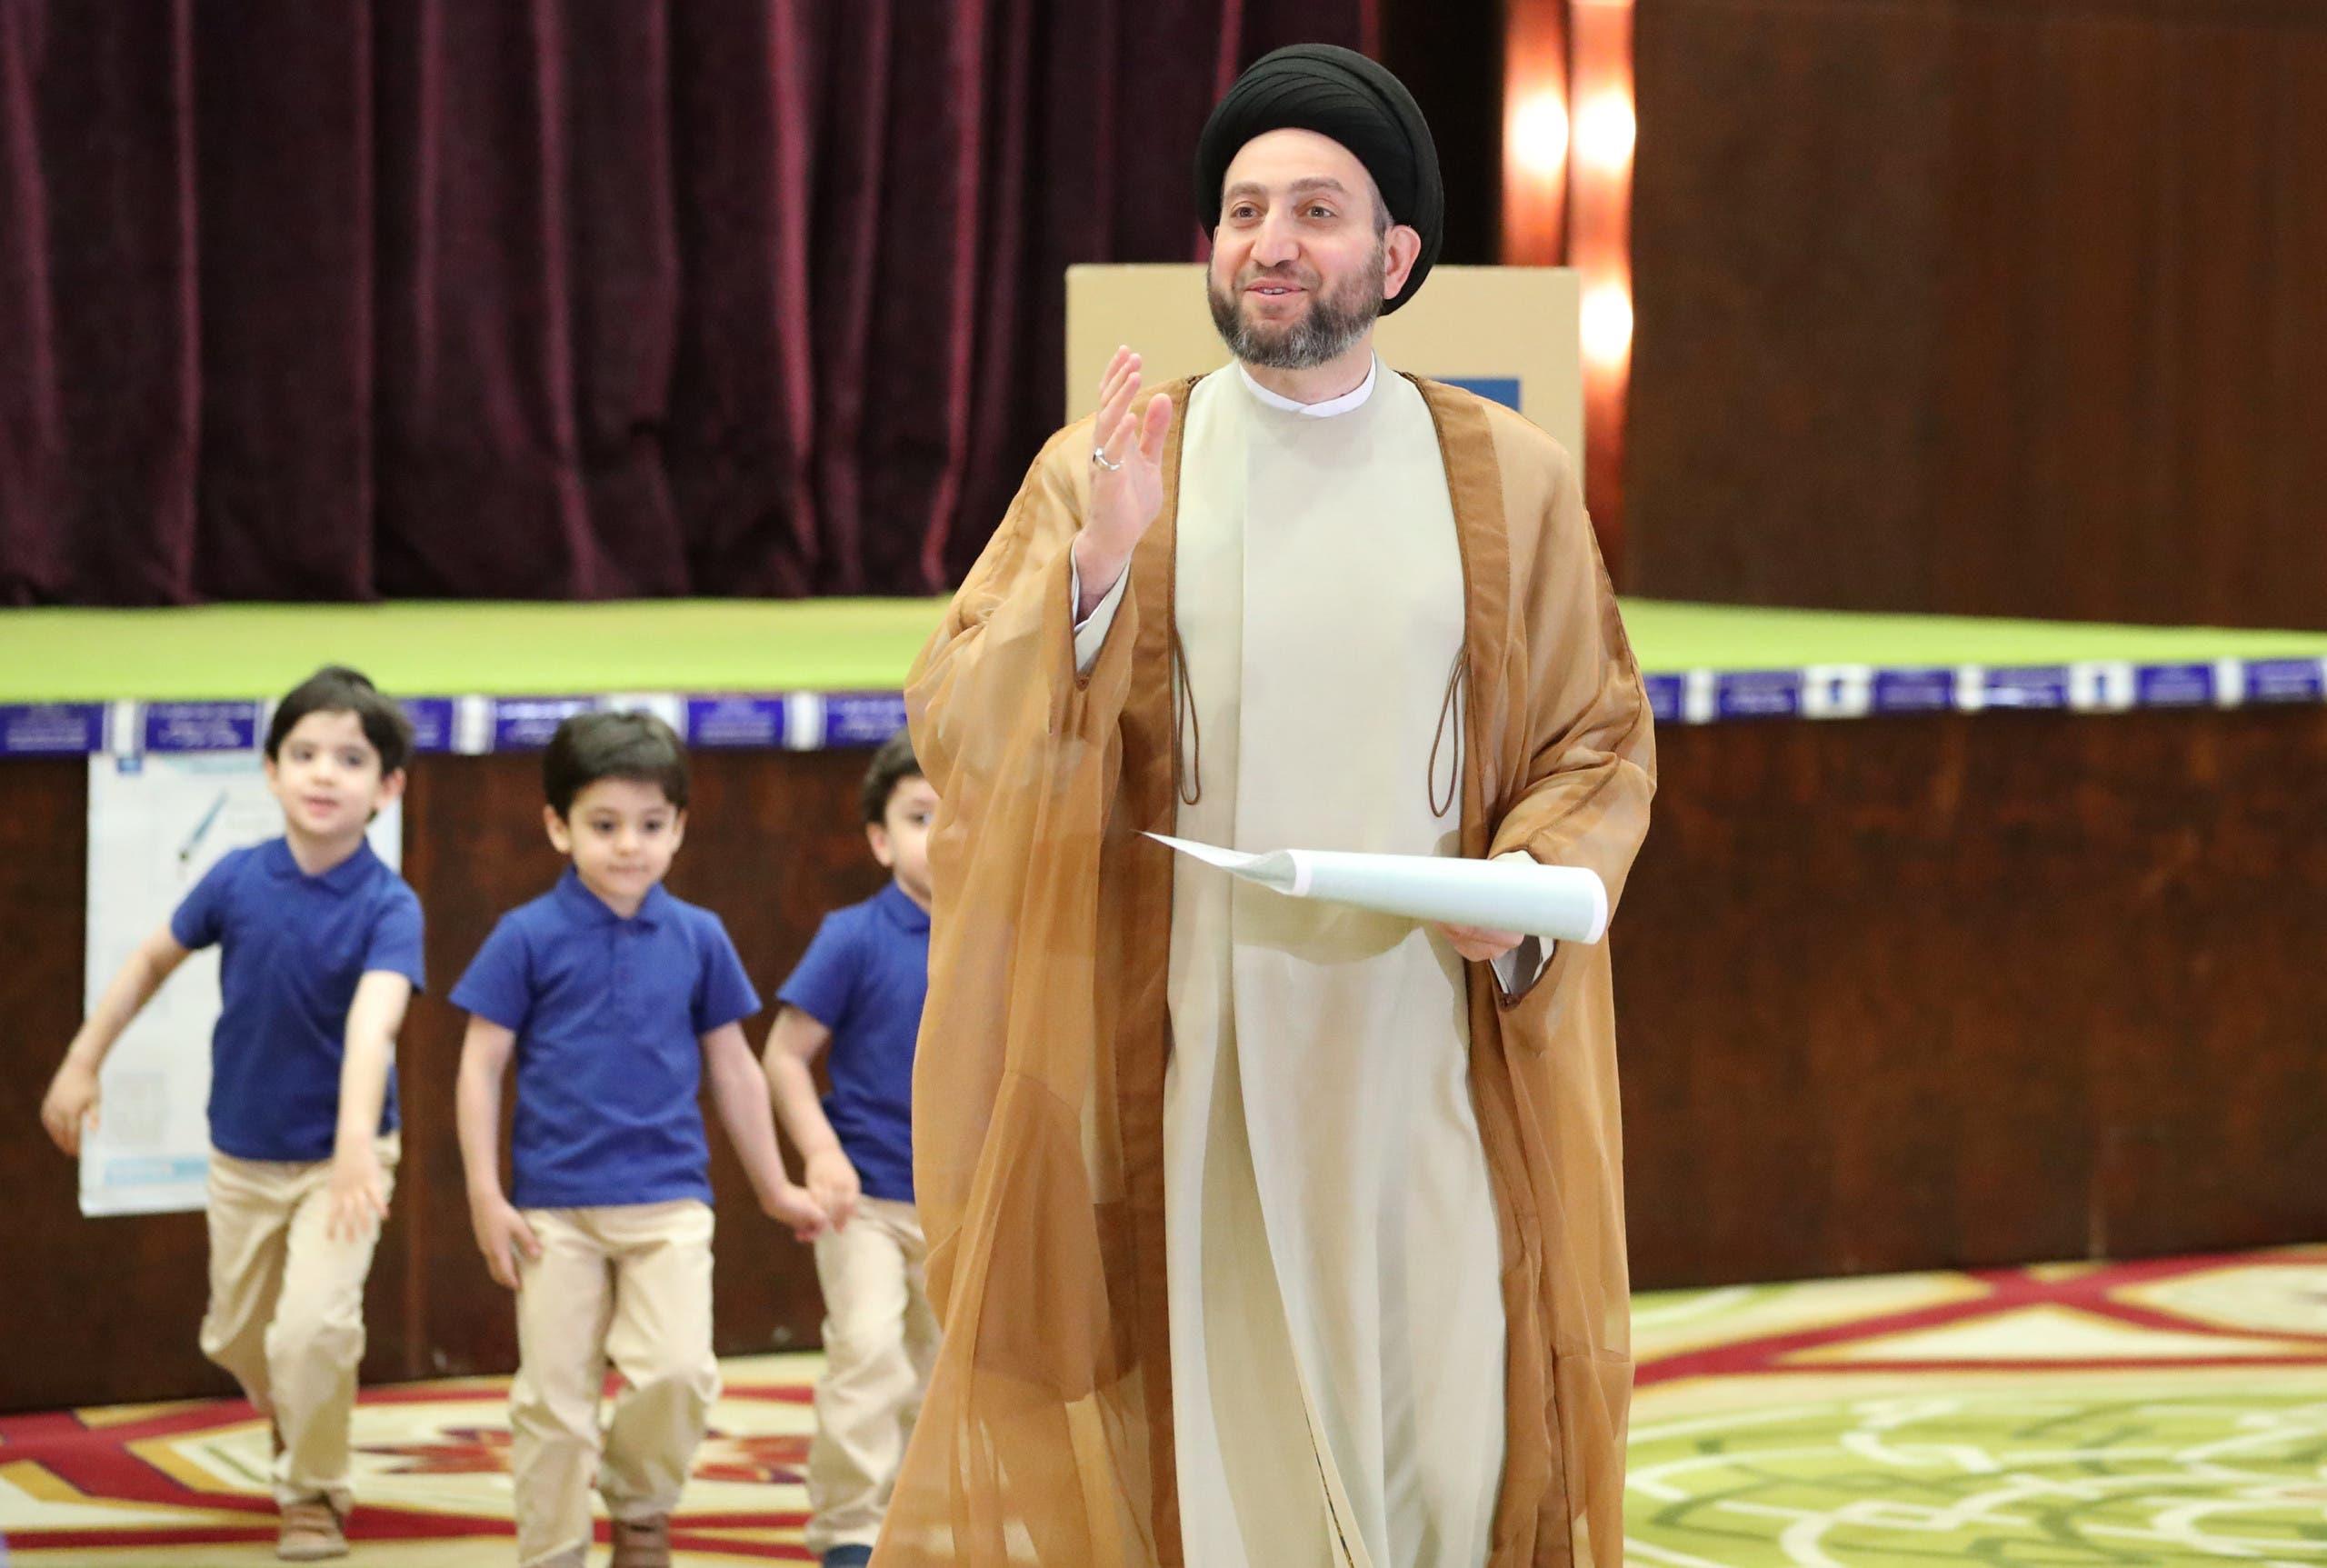 السياسي العراقي عمار الحكيم يدلي بصوته